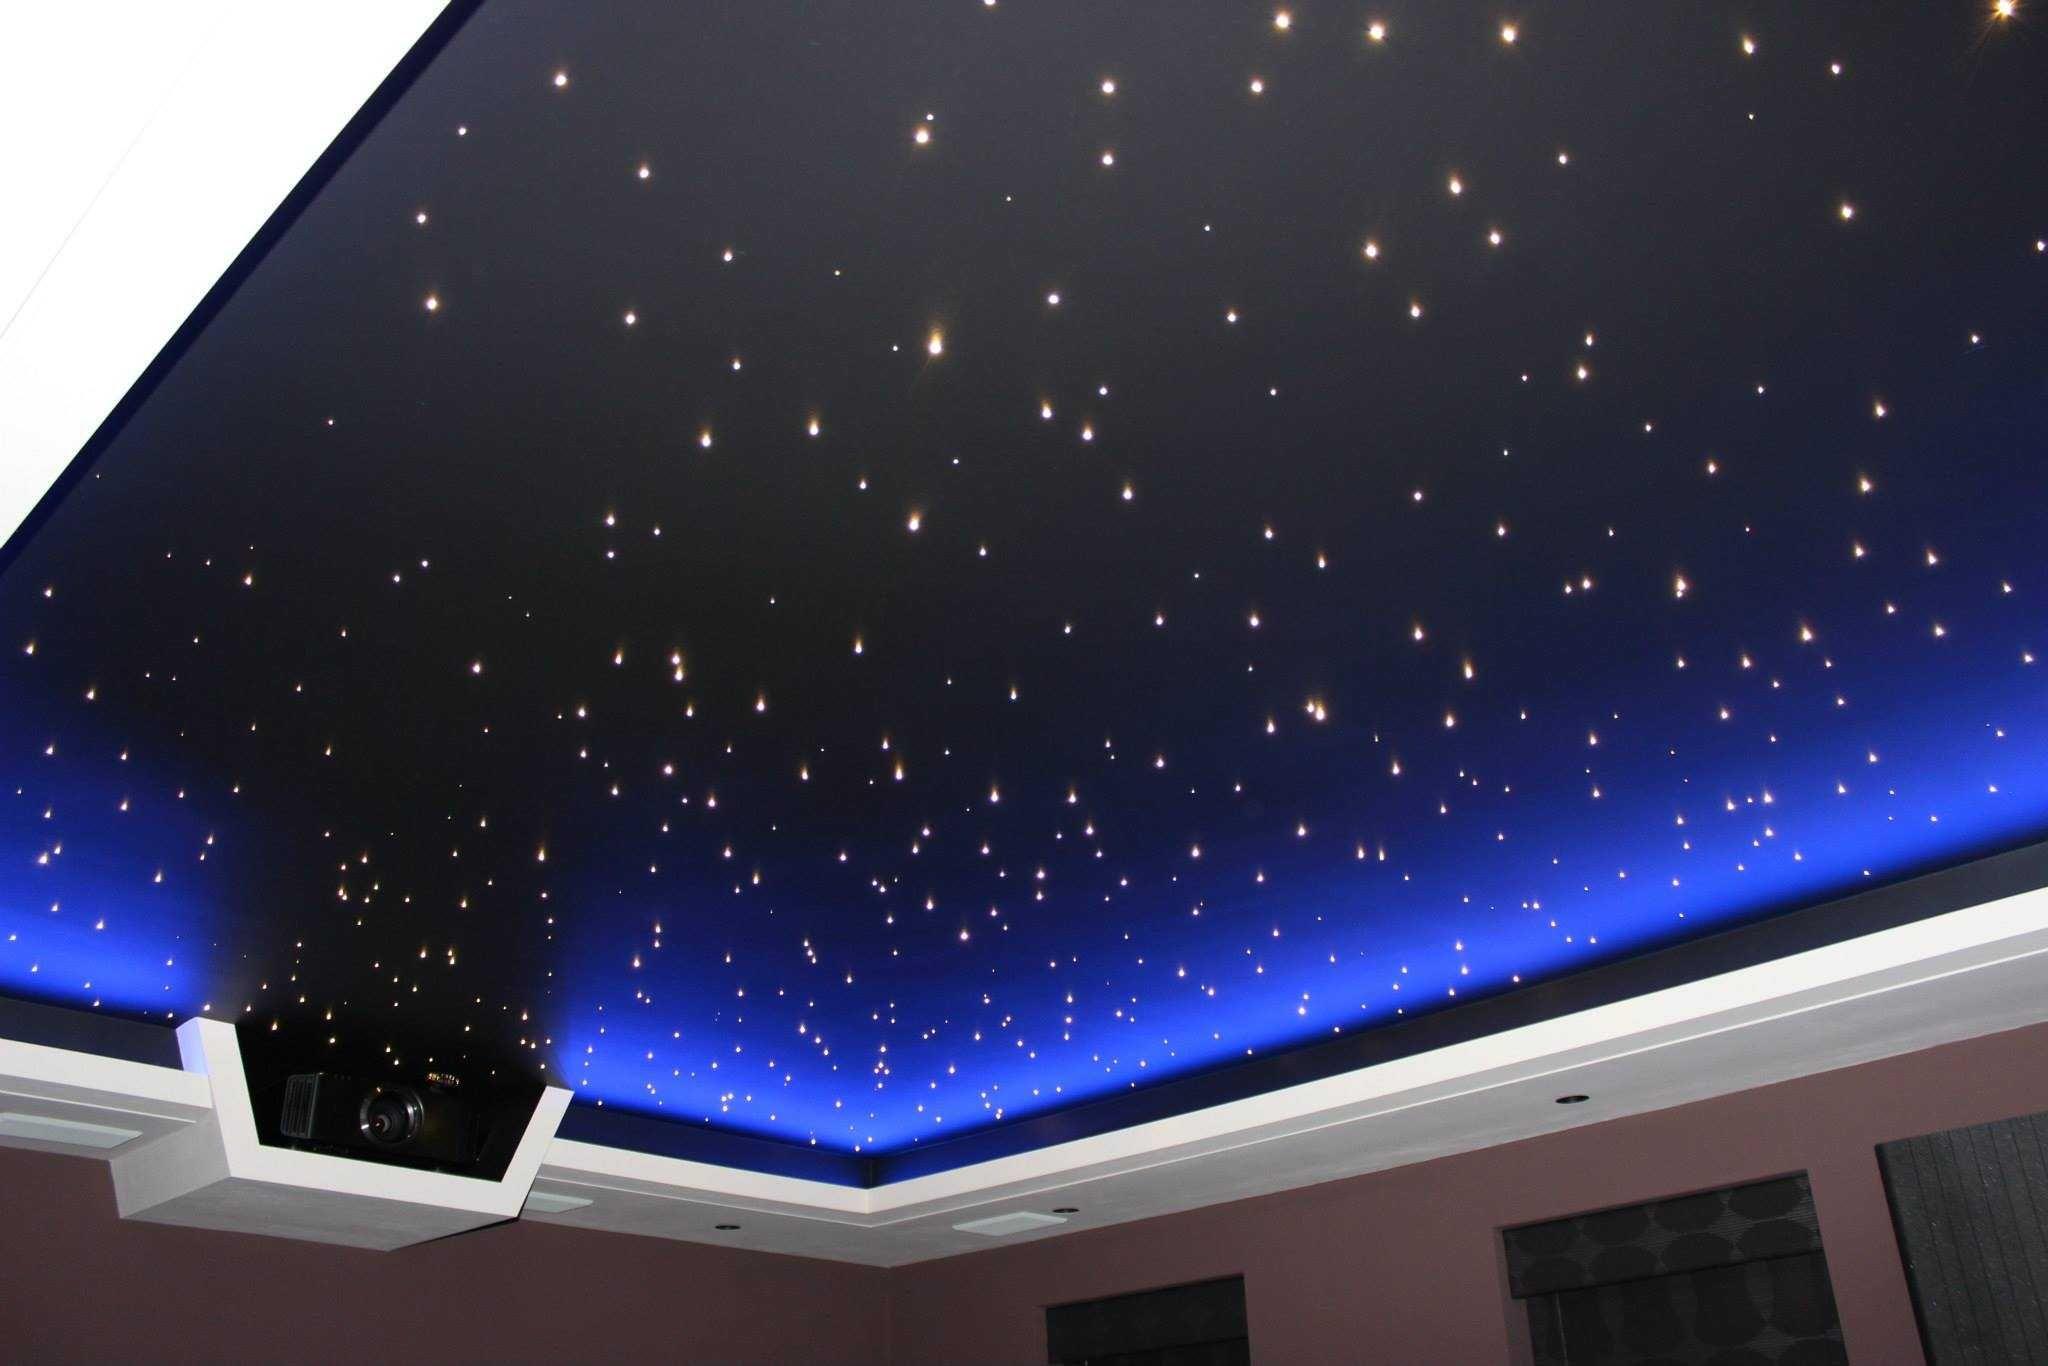 Besten Schlafzimmer Decke Sterne Projektor Schlafzimmerdesign Info Sternendecke Deckenprojektor Beleuchtung Decke